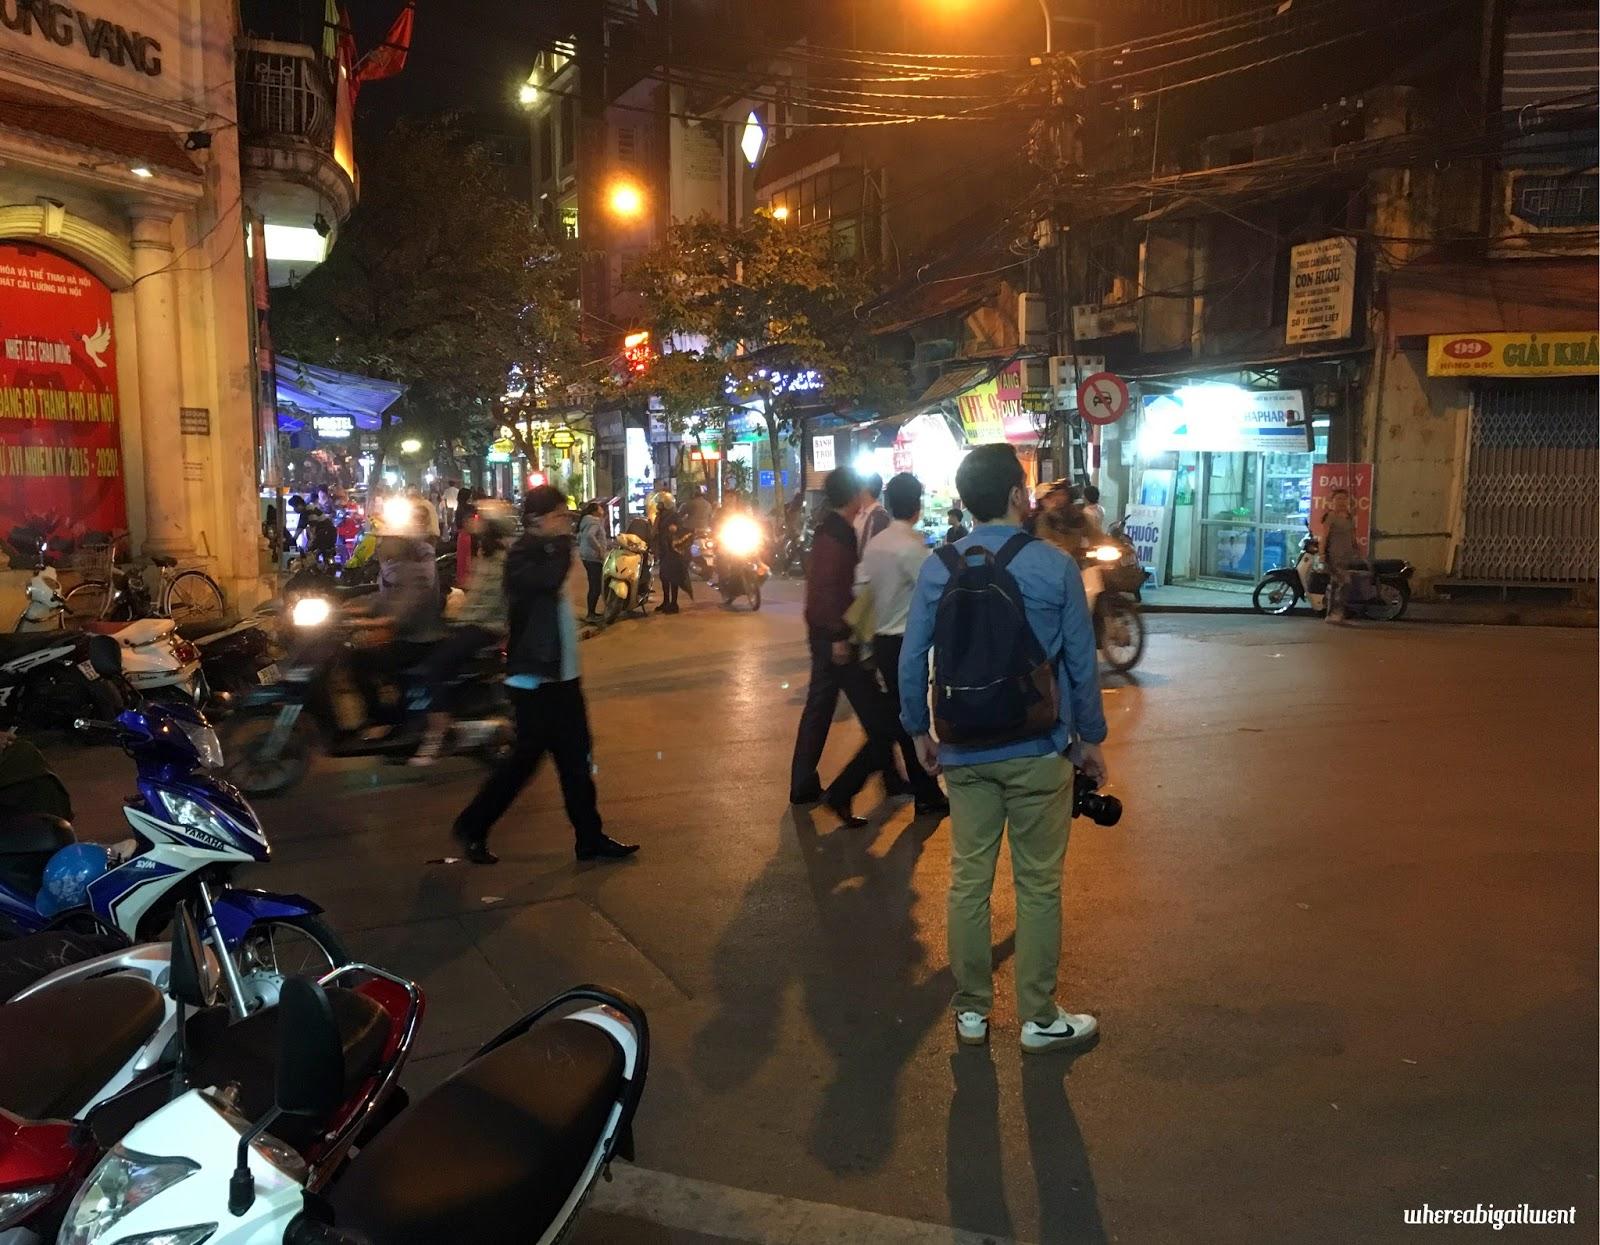 Street in Old Quarter Hanoi